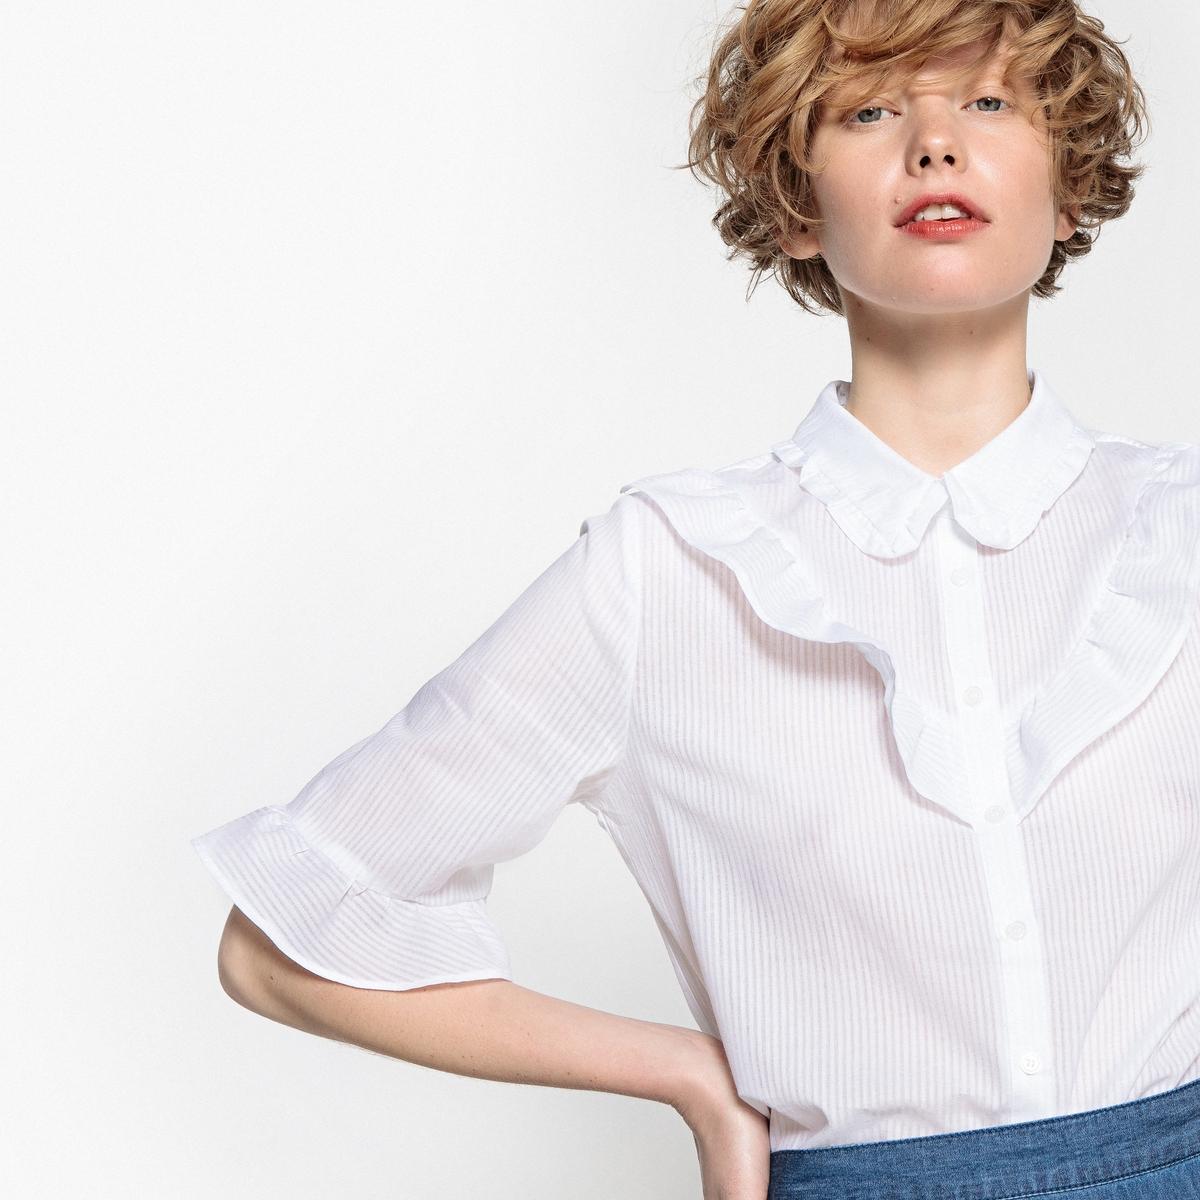 Рубашка с короткими рукавами и рубашечным вырезом с воланамиОписание:Детали •  Короткие рукава •  Прямой покрой •  Рубашечный воротник полоСостав и уход •  100% хлопок •  Tемпература стирки 30° на деликатном режиме •  Сухая чистка и отбеливание запрещены •  Не использовать барабанную сушку •  Низкая температура глажки<br><br>Цвет: белый,желтый<br>Размер: 48 (FR) - 54 (RUS).44 (FR) - 50 (RUS).42 (FR) - 48 (RUS).46 (FR) - 52 (RUS).40 (FR) - 46 (RUS).38 (FR) - 44 (RUS)